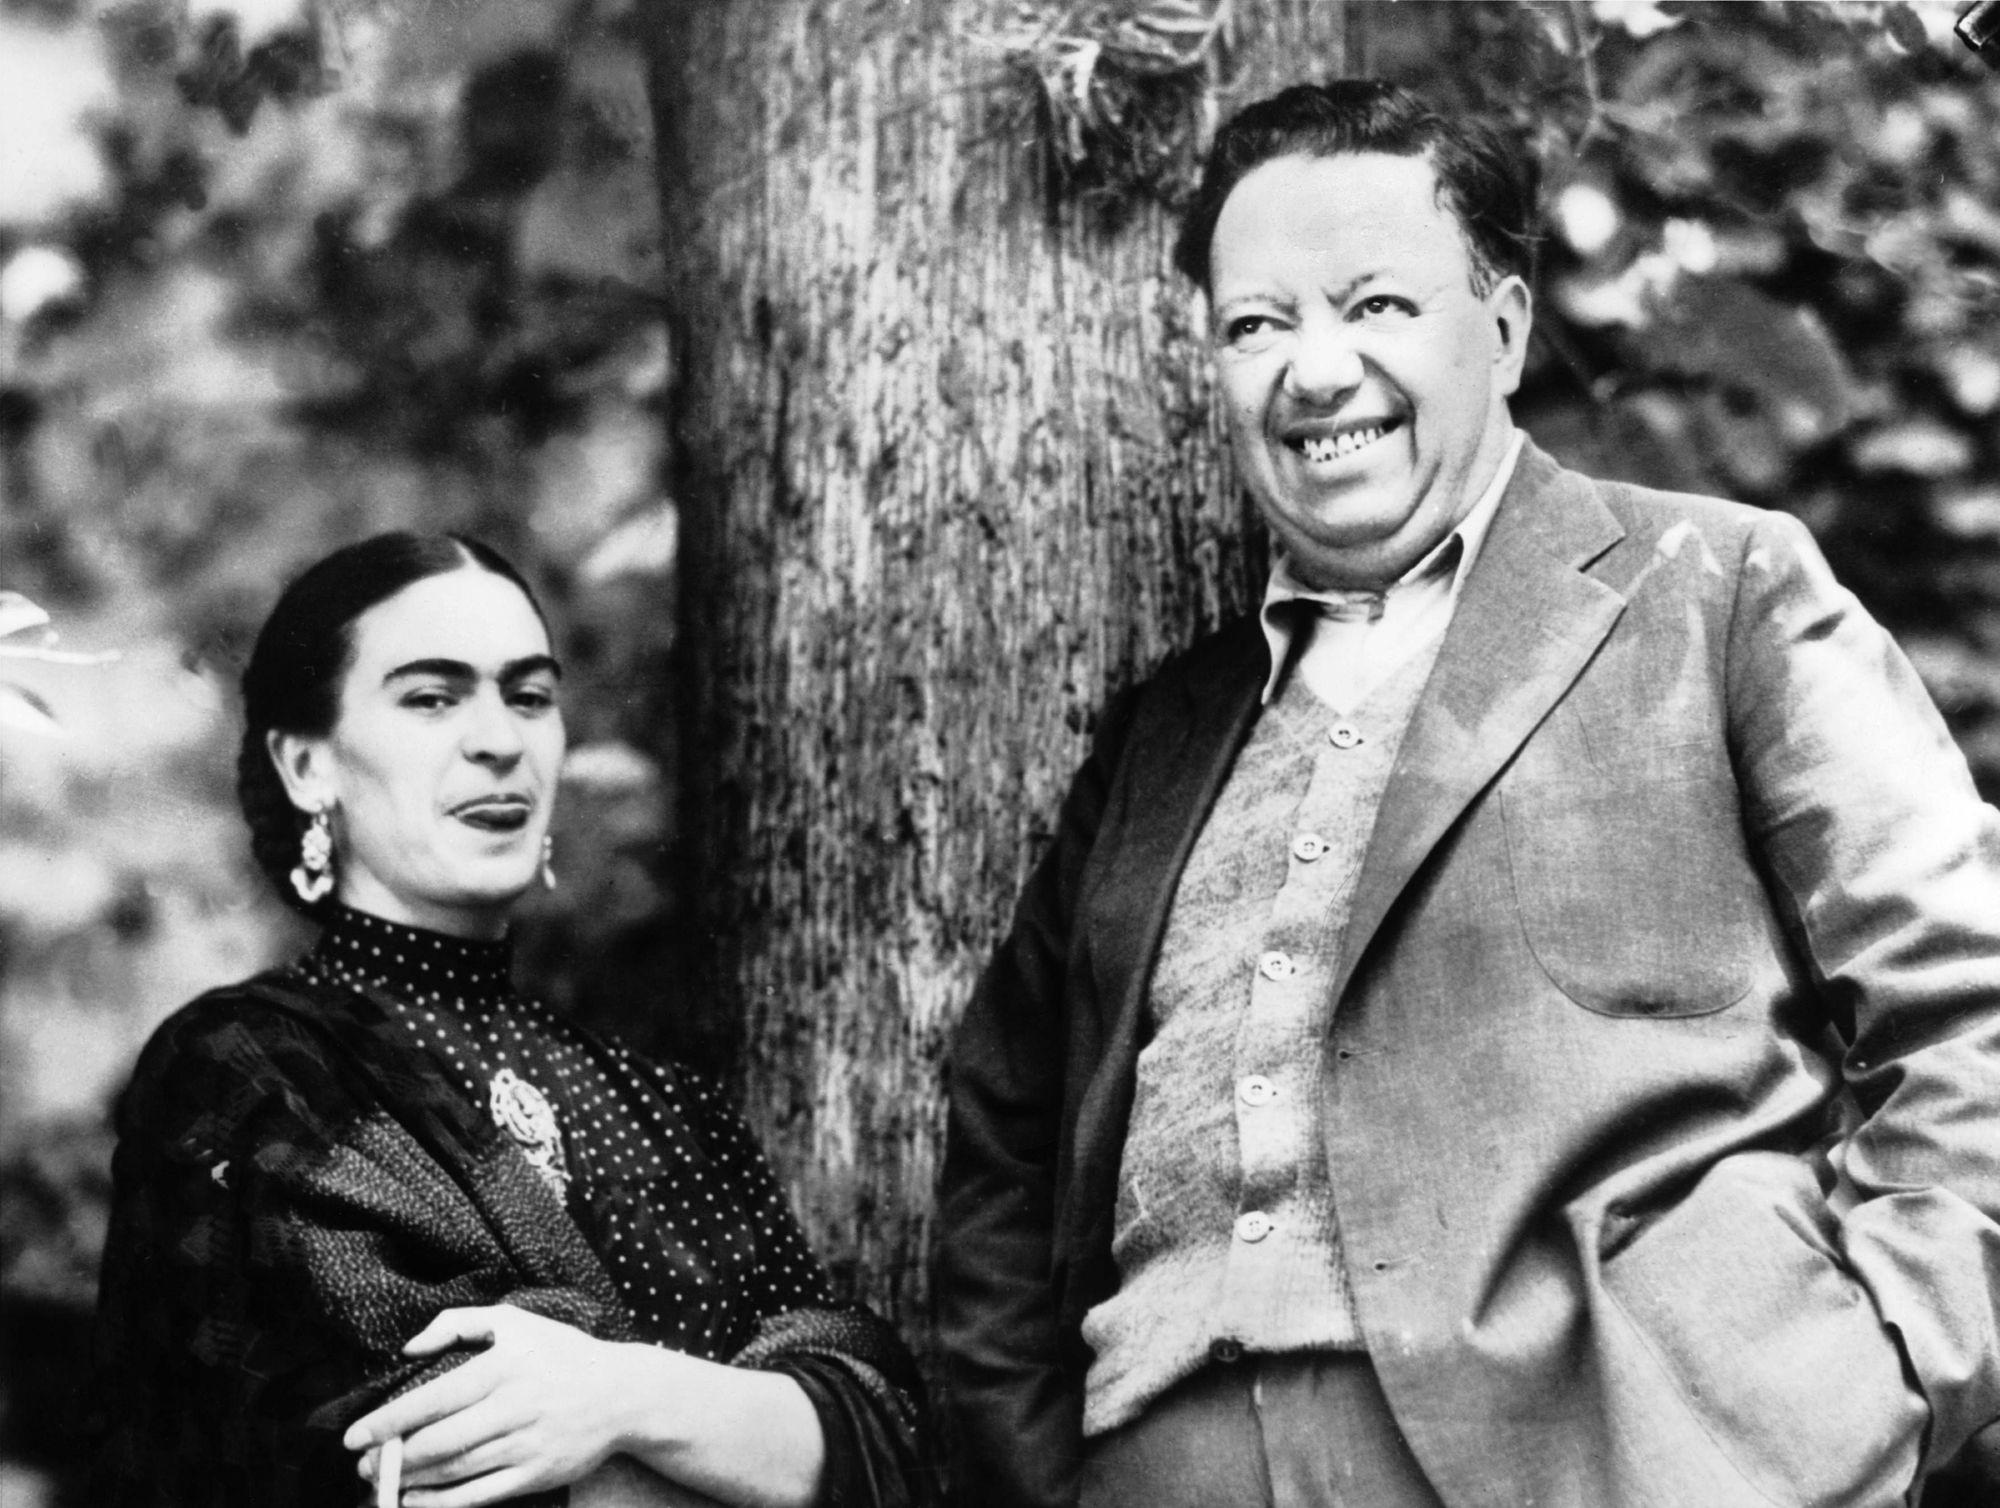 Las 20 mejores frases de Diego Rivera